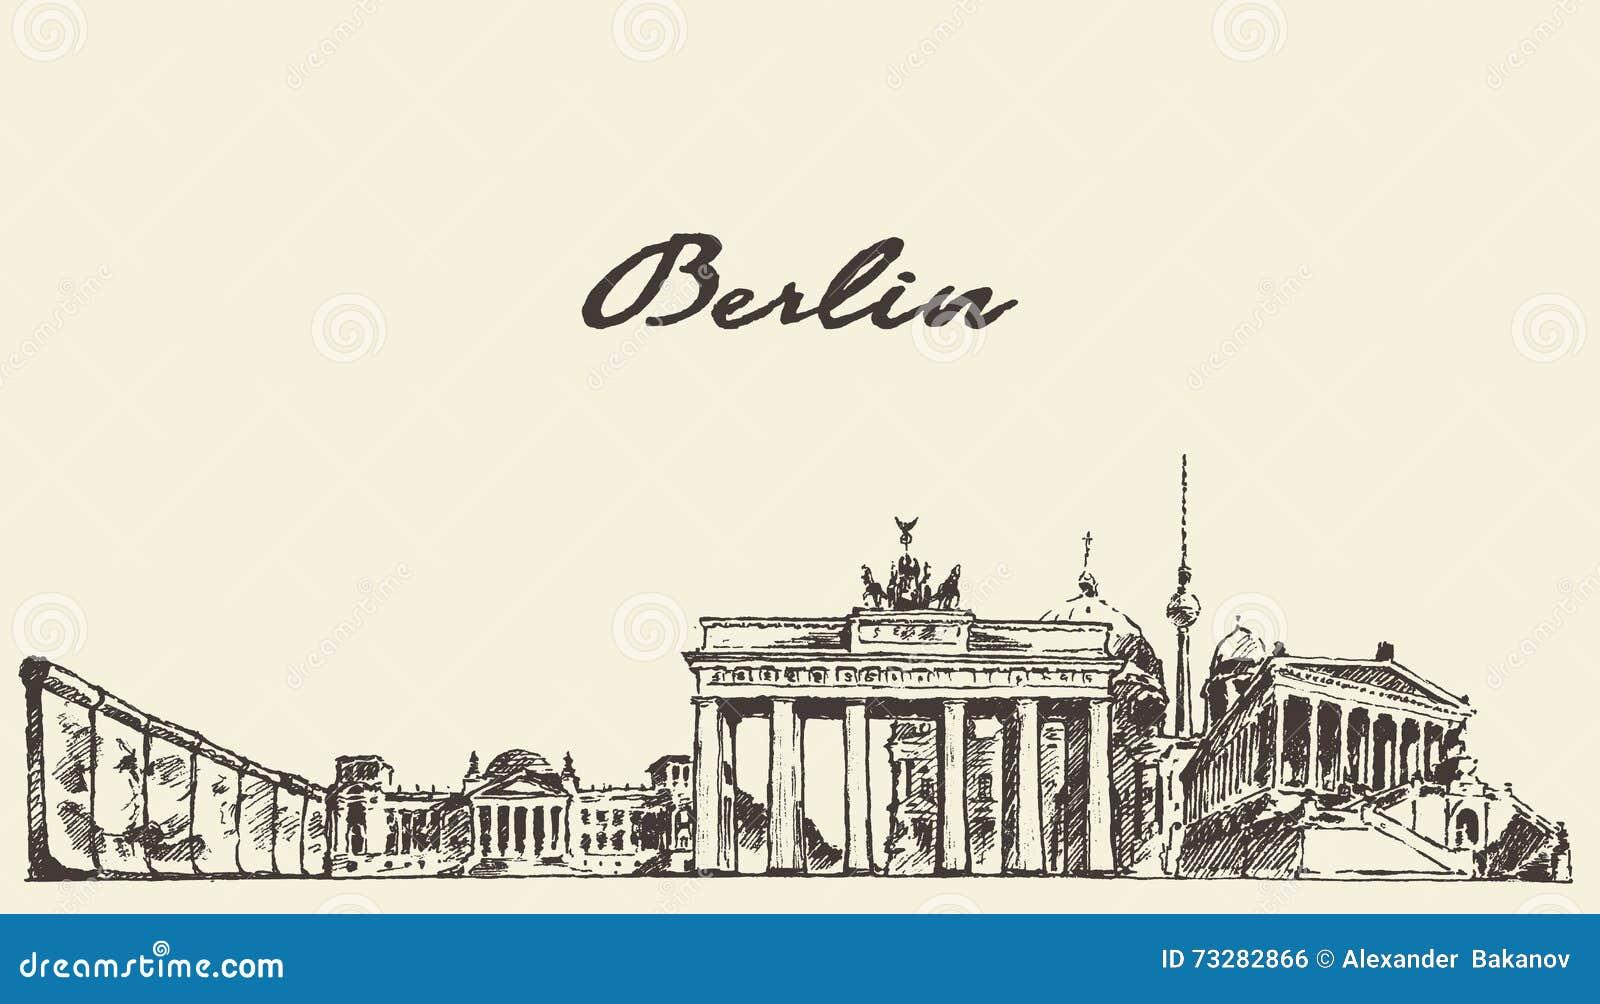 De horizon vectorillustratie getrokken schets van Berlijn